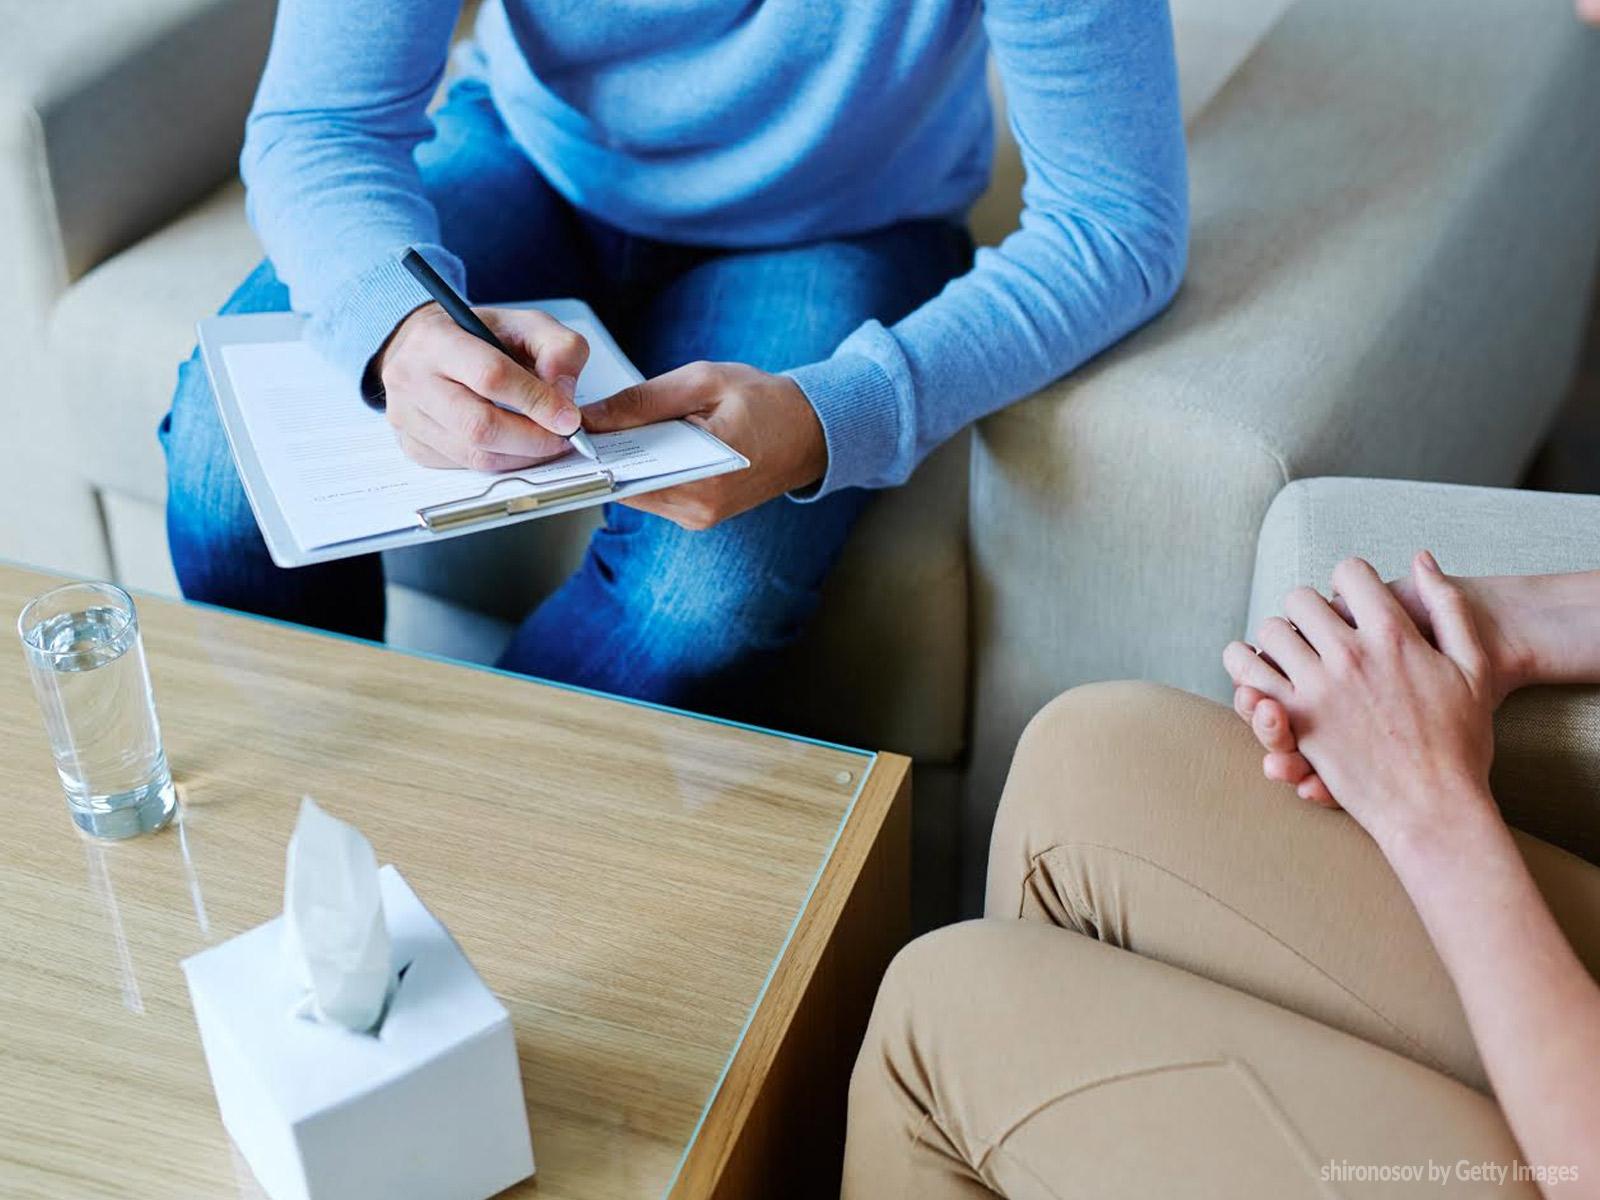 Psicólogo,-uma-ajuda-para-transpor-problemas